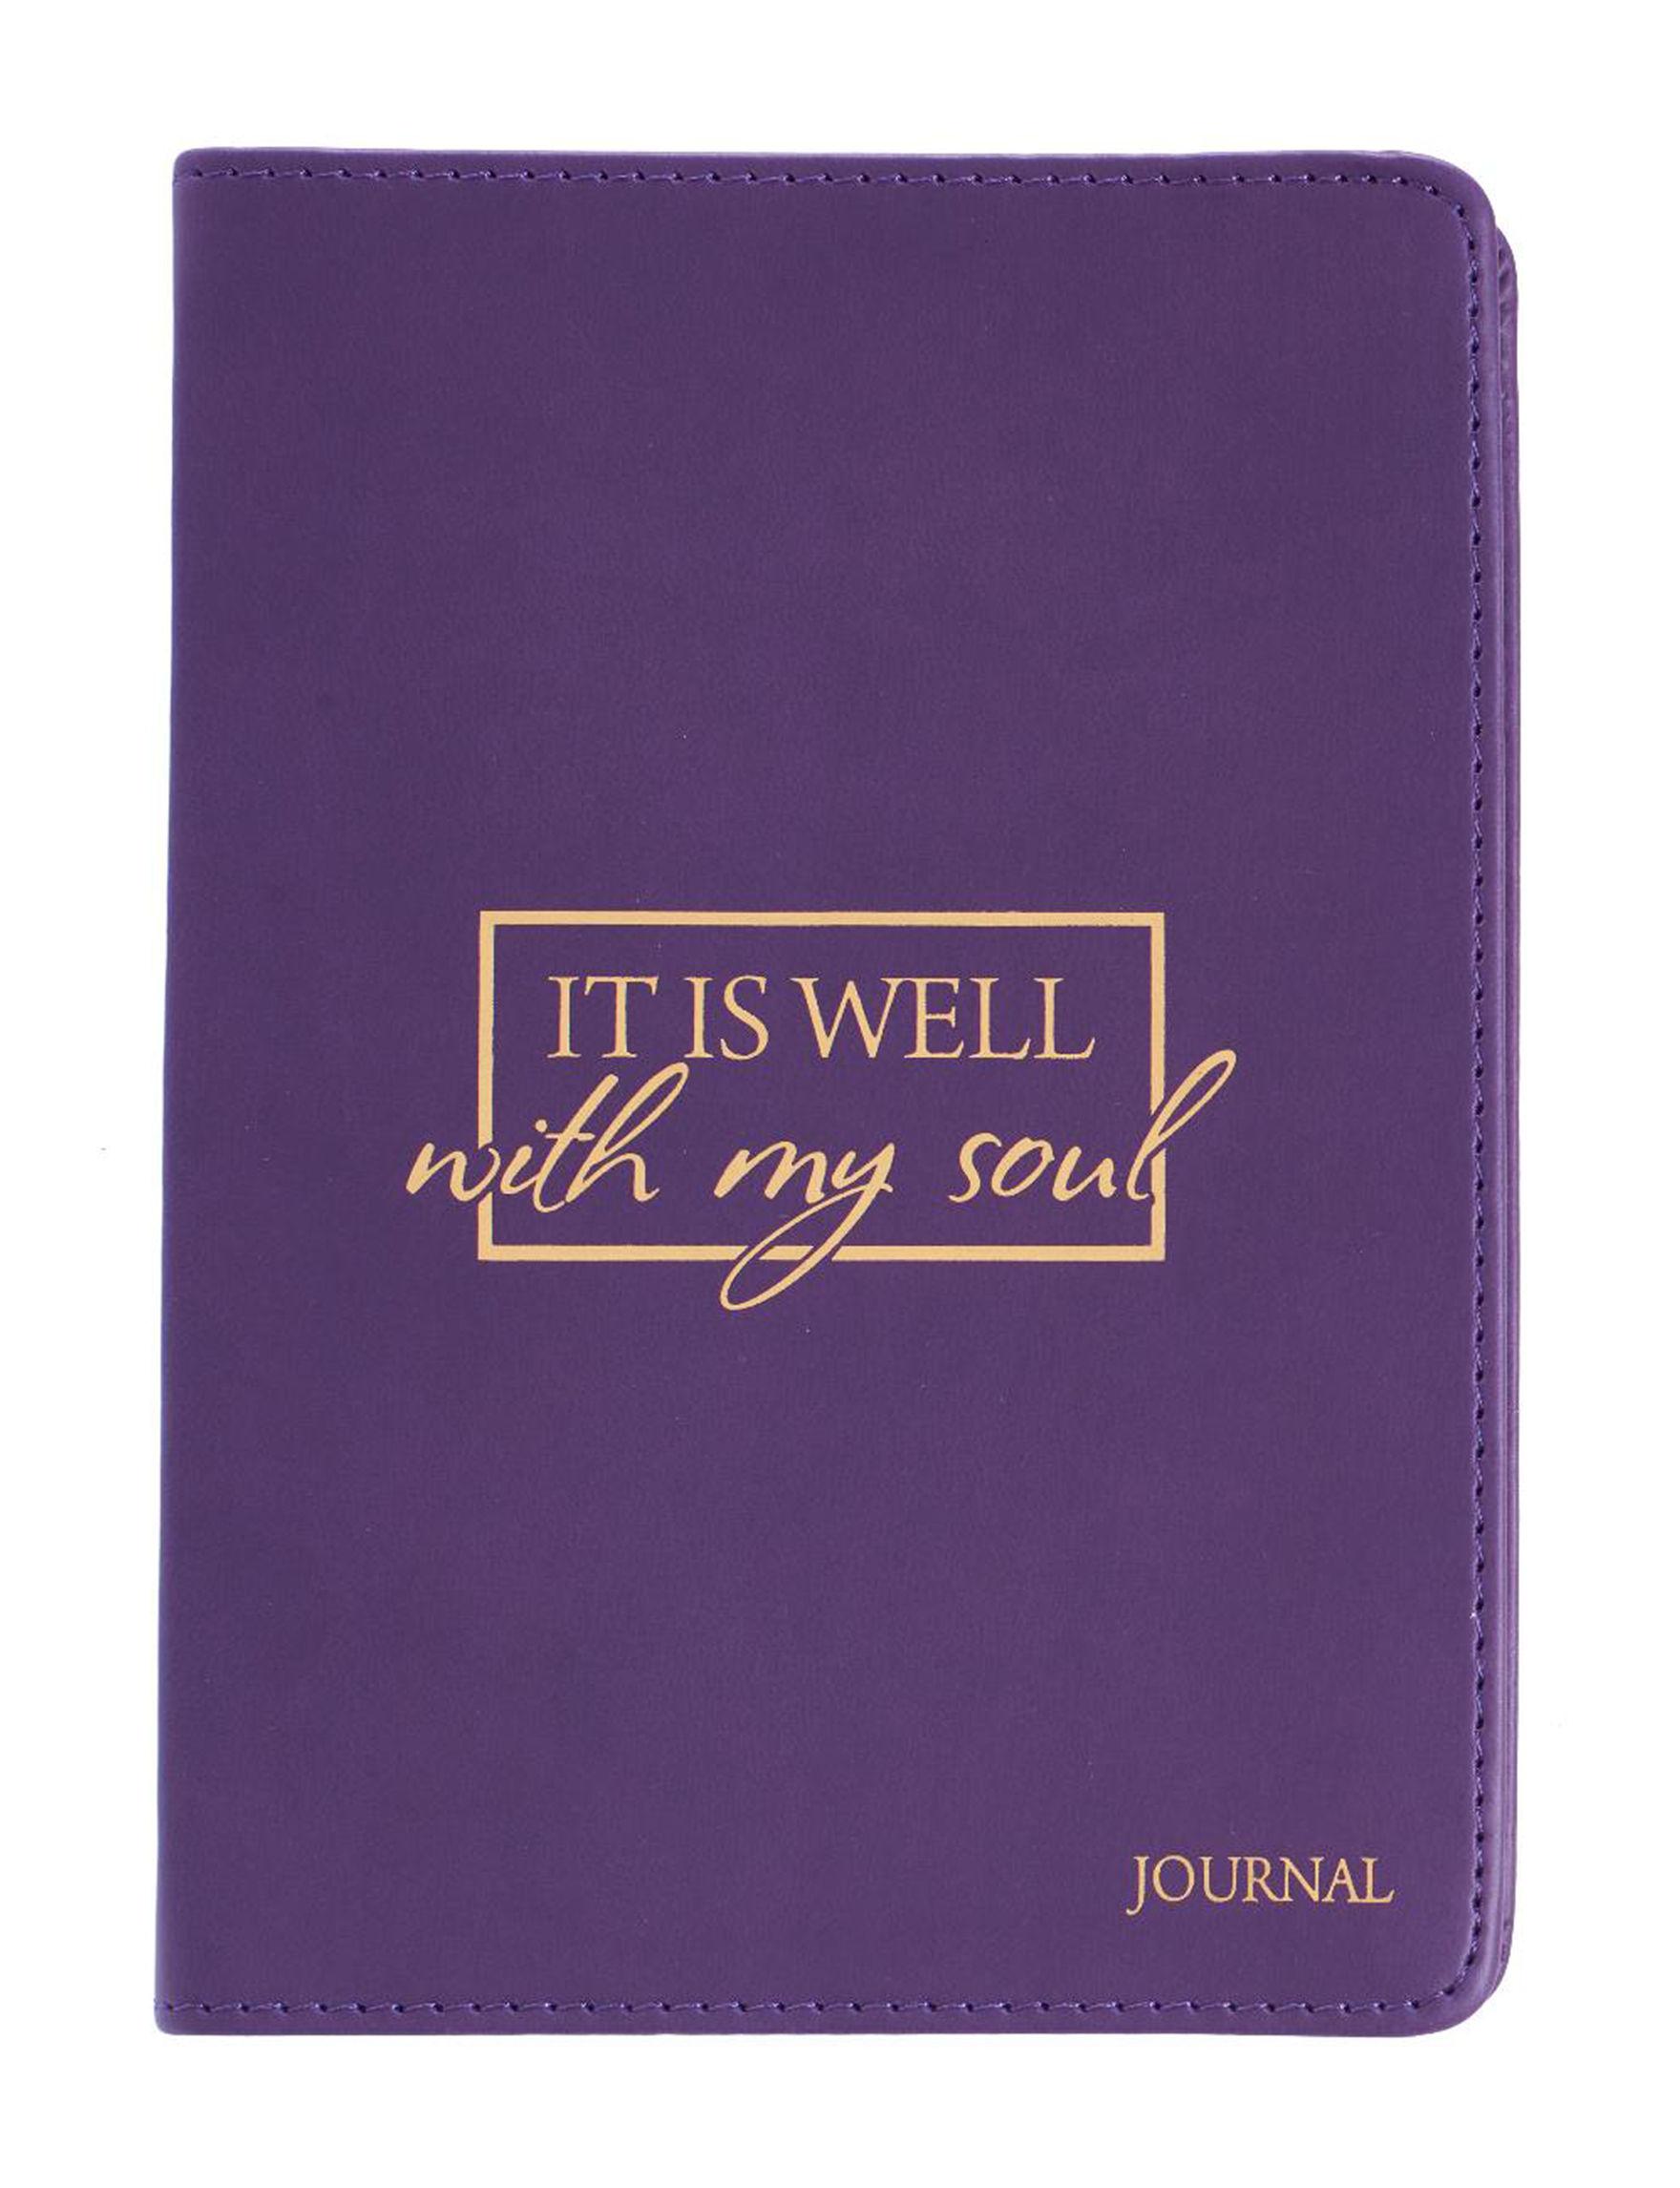 Christian Art Gifts Purple / Multi Journals & Notepads School & Office Supplies